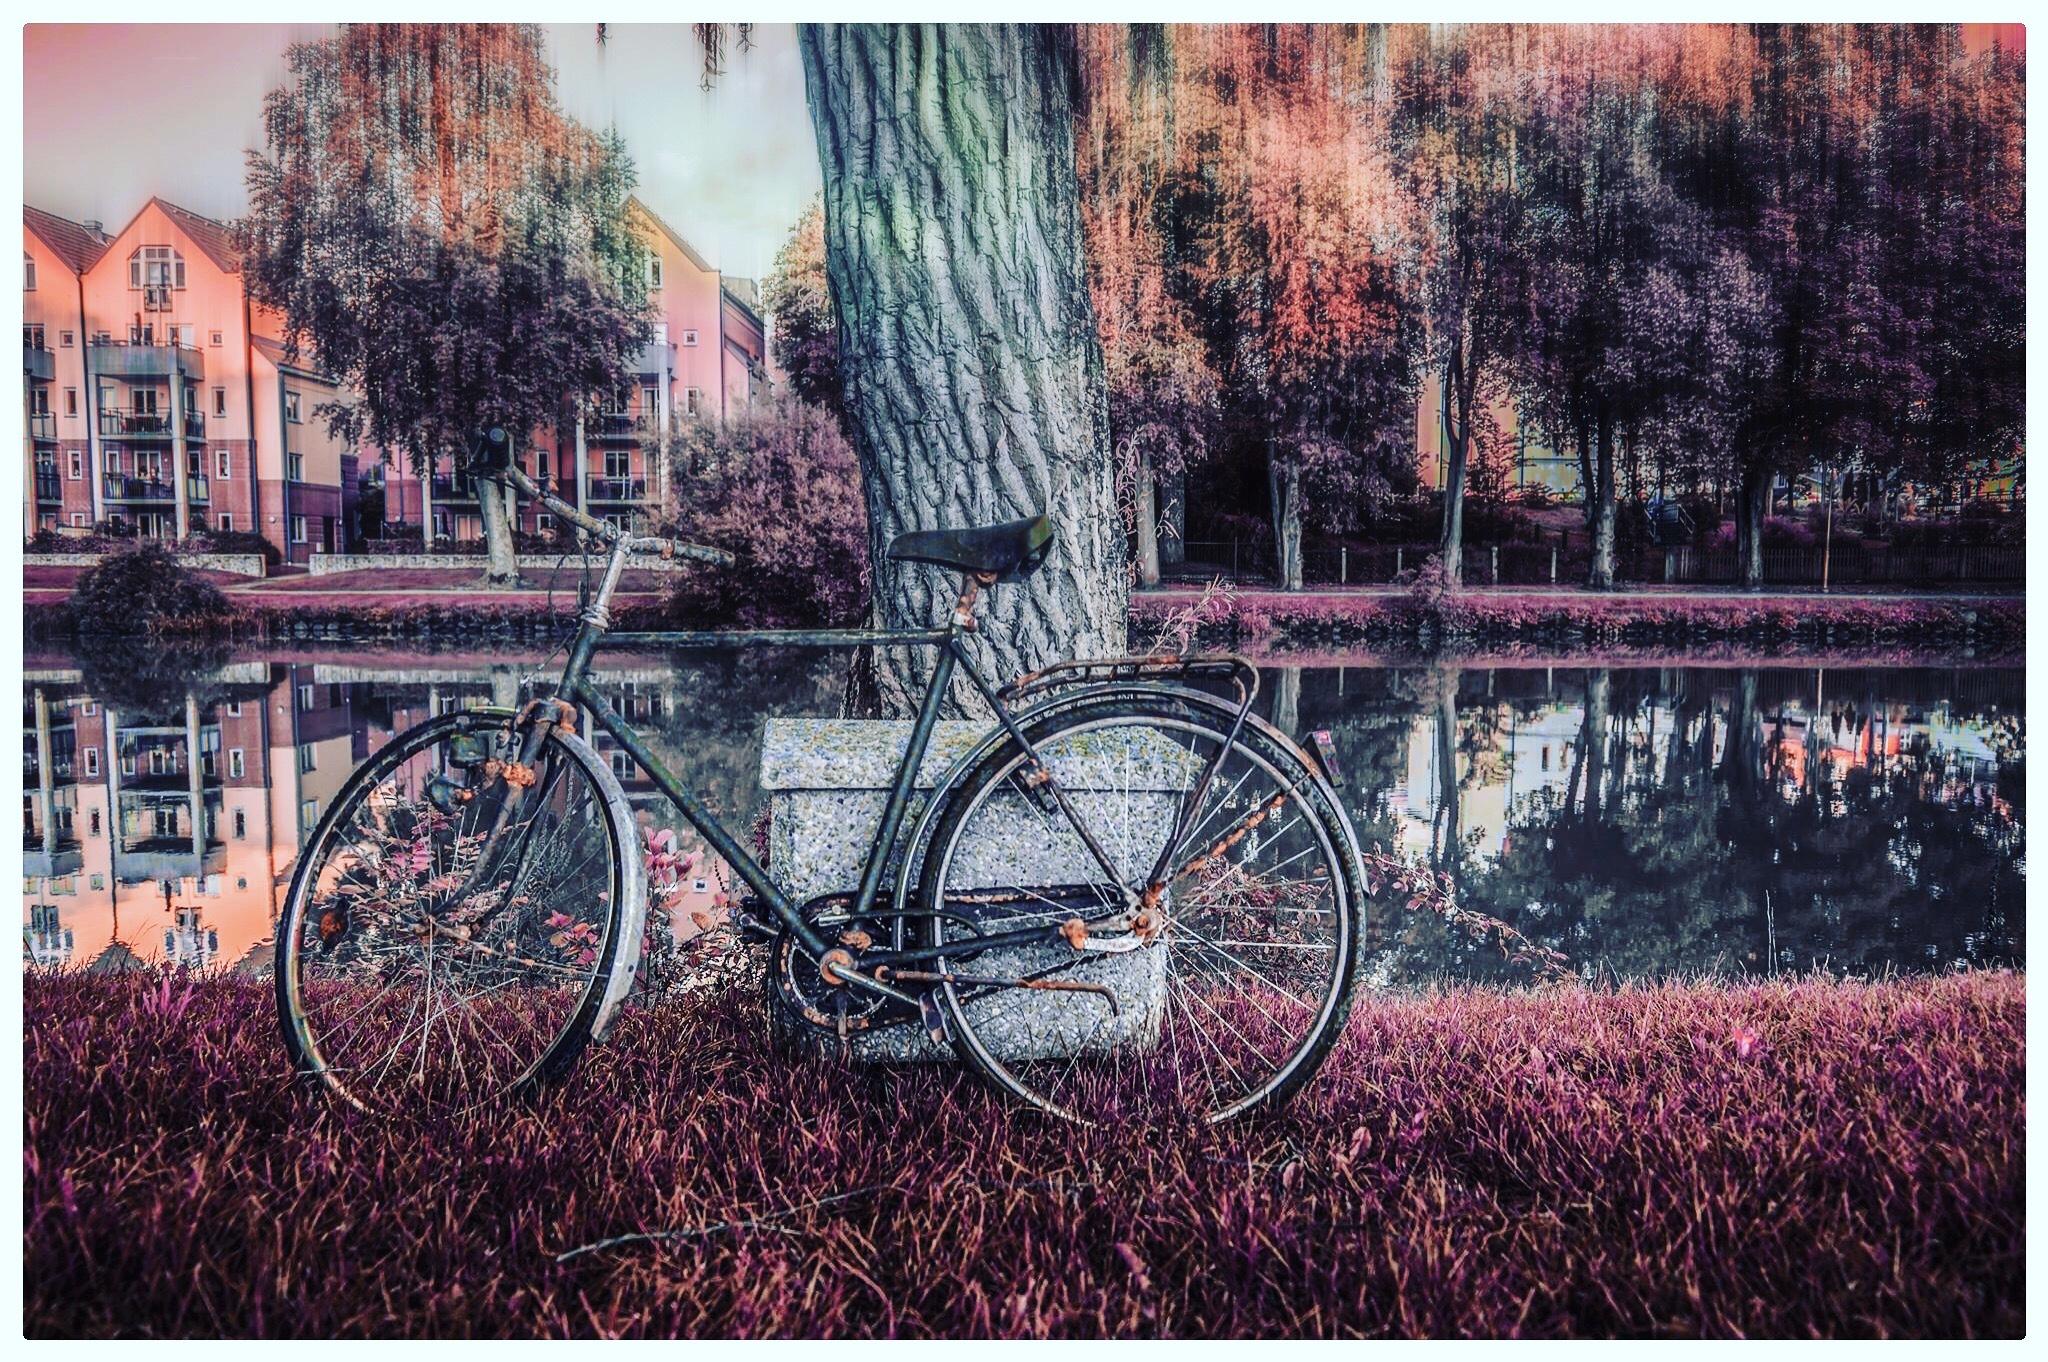 Bicycle by Erik Berrio